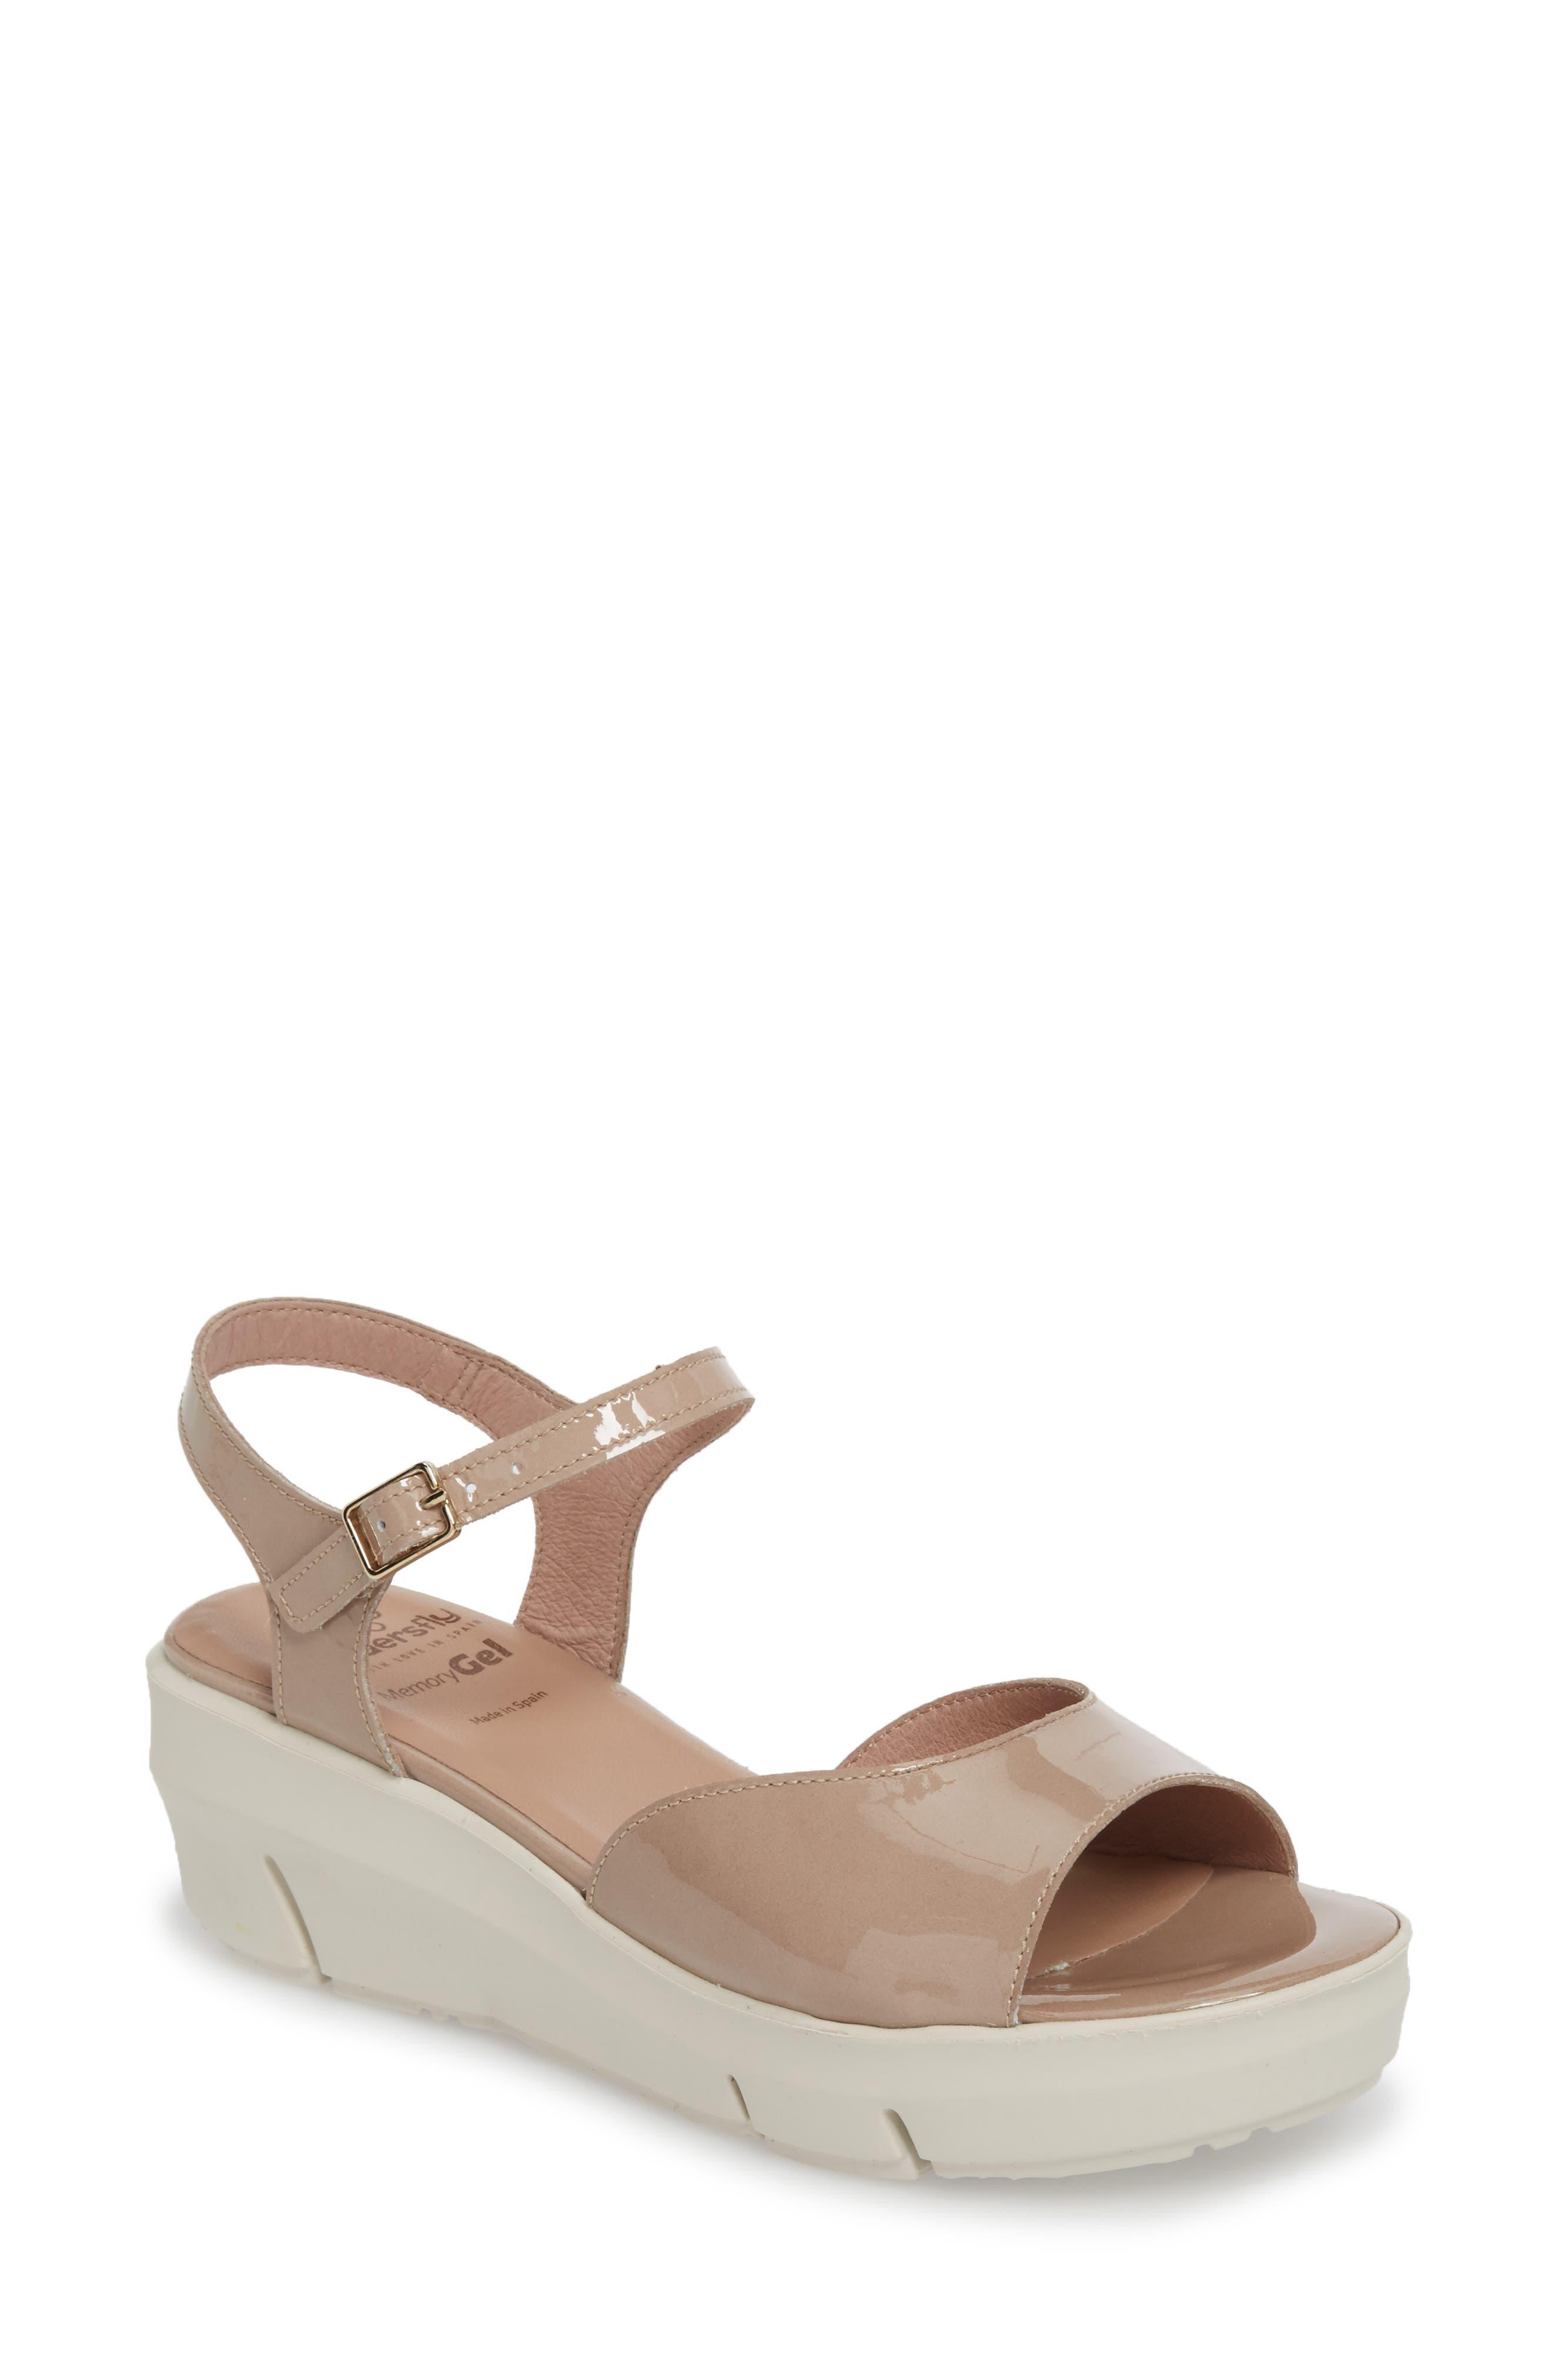 D-8201 Platform Sandal,                             Main thumbnail 1, color,                             Taupe Leather